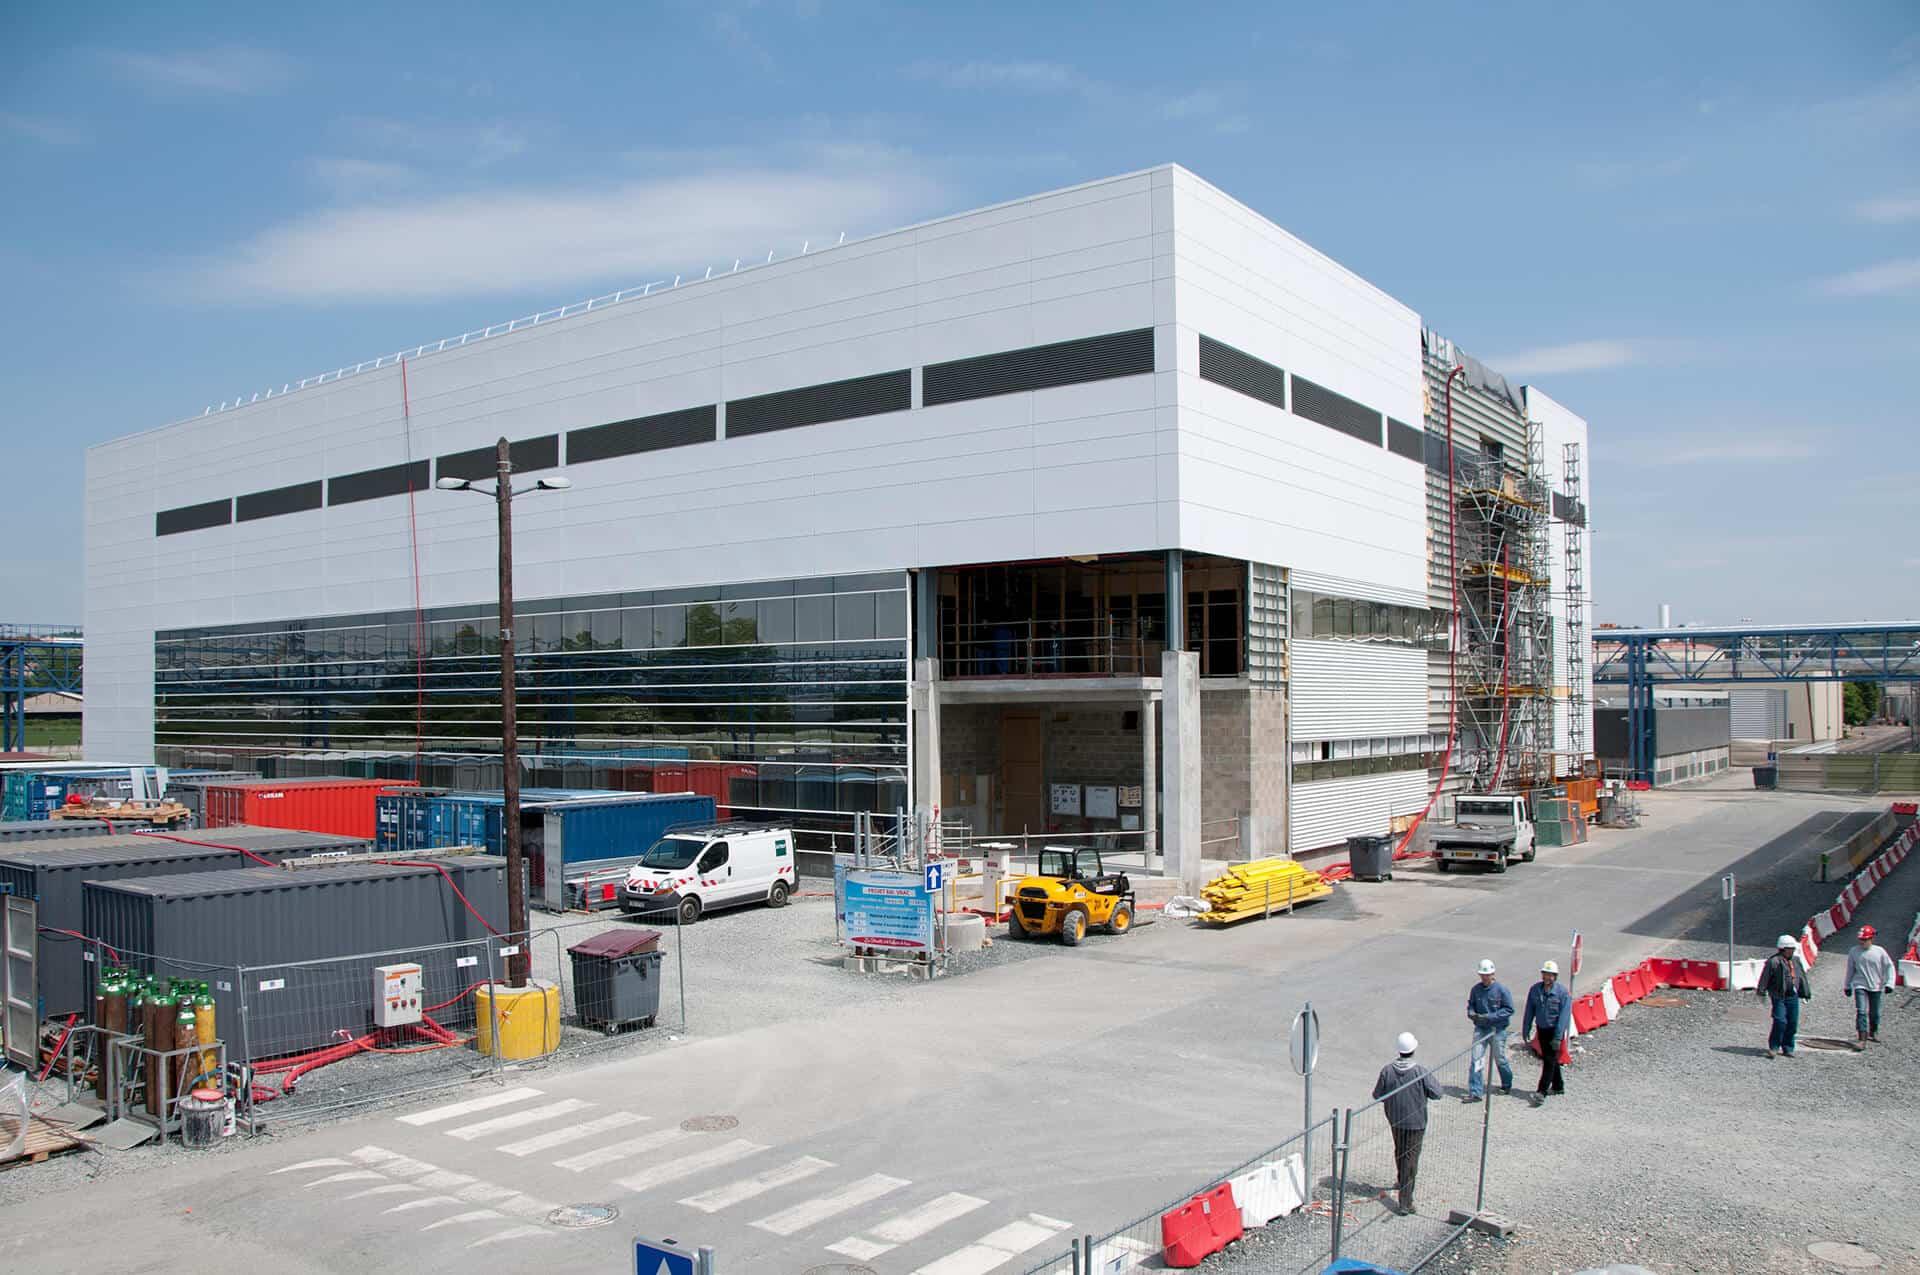 photographe professionnel lyon suivi chantier reportage photo suivi de chantier vue sur la façade du bâtiment en cours de construction